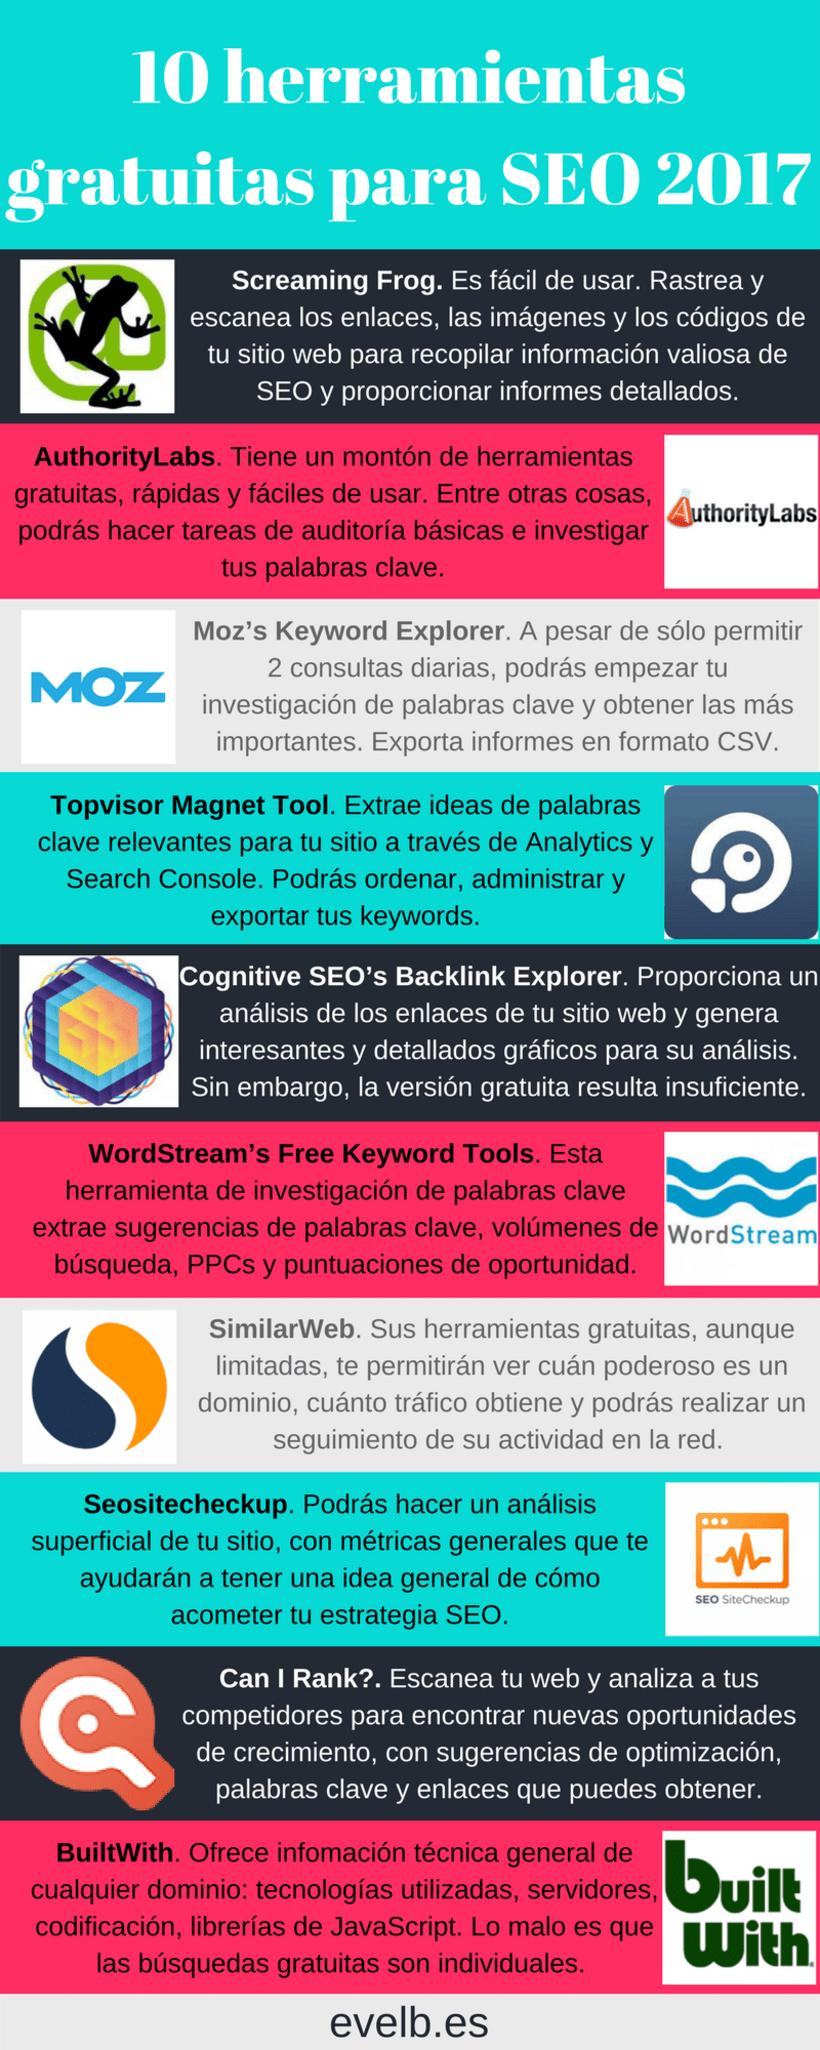 Infografías evelb.es 16